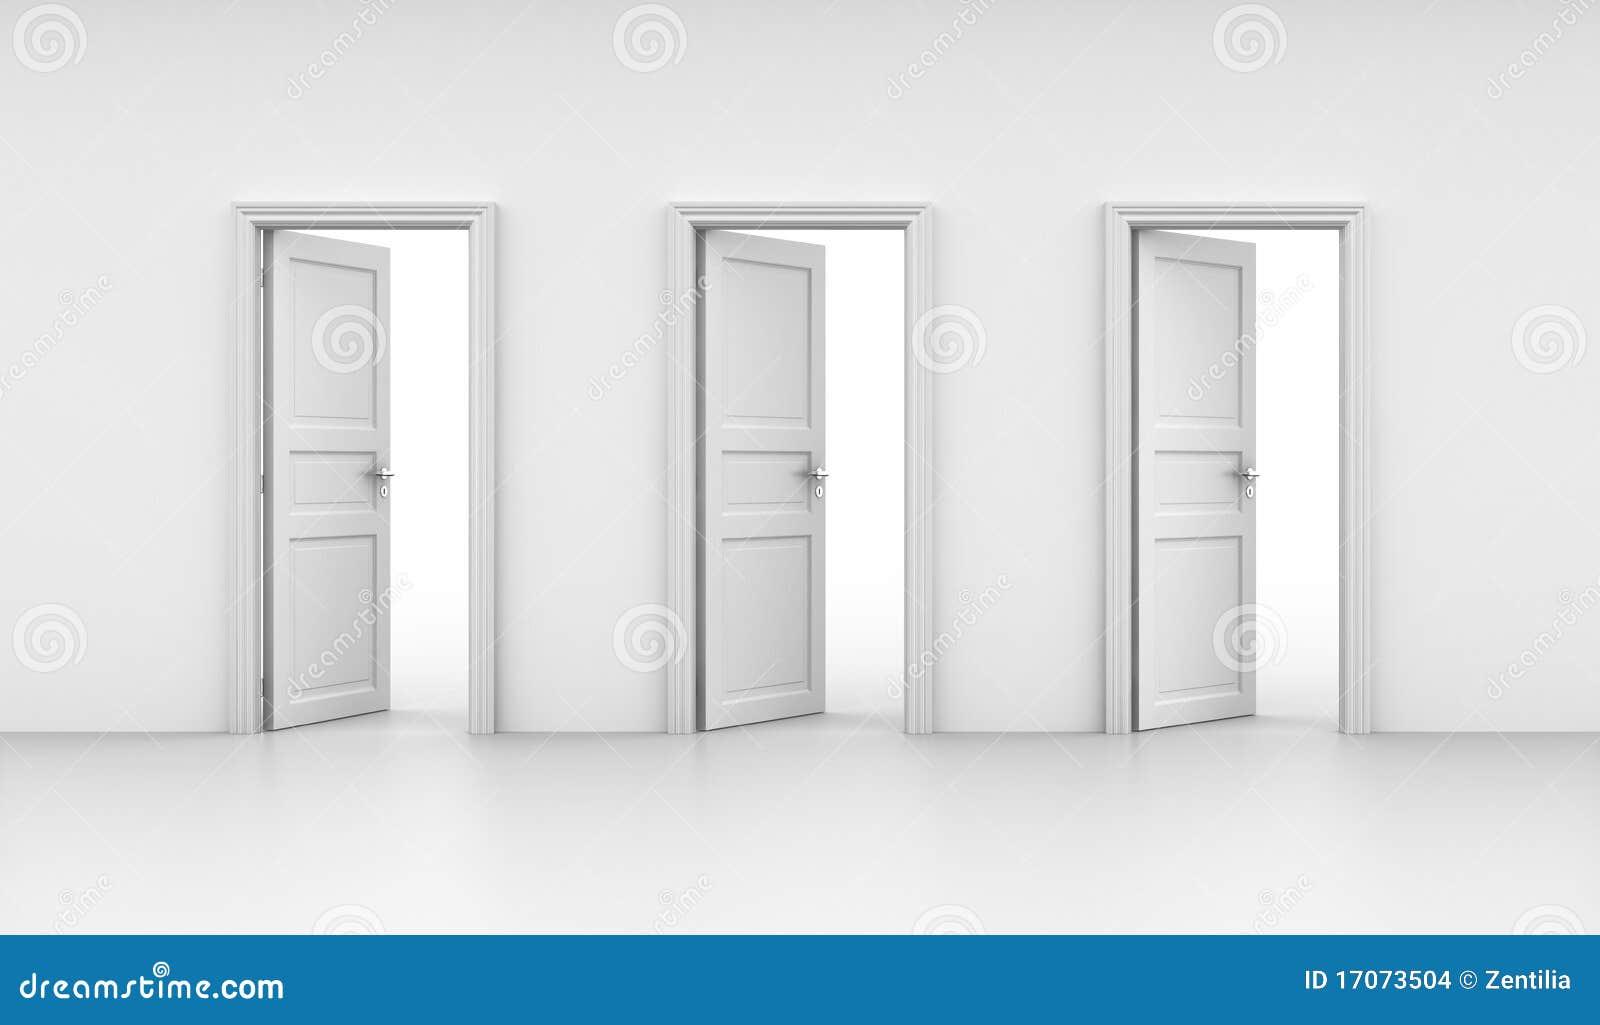 zombicide how to open doors